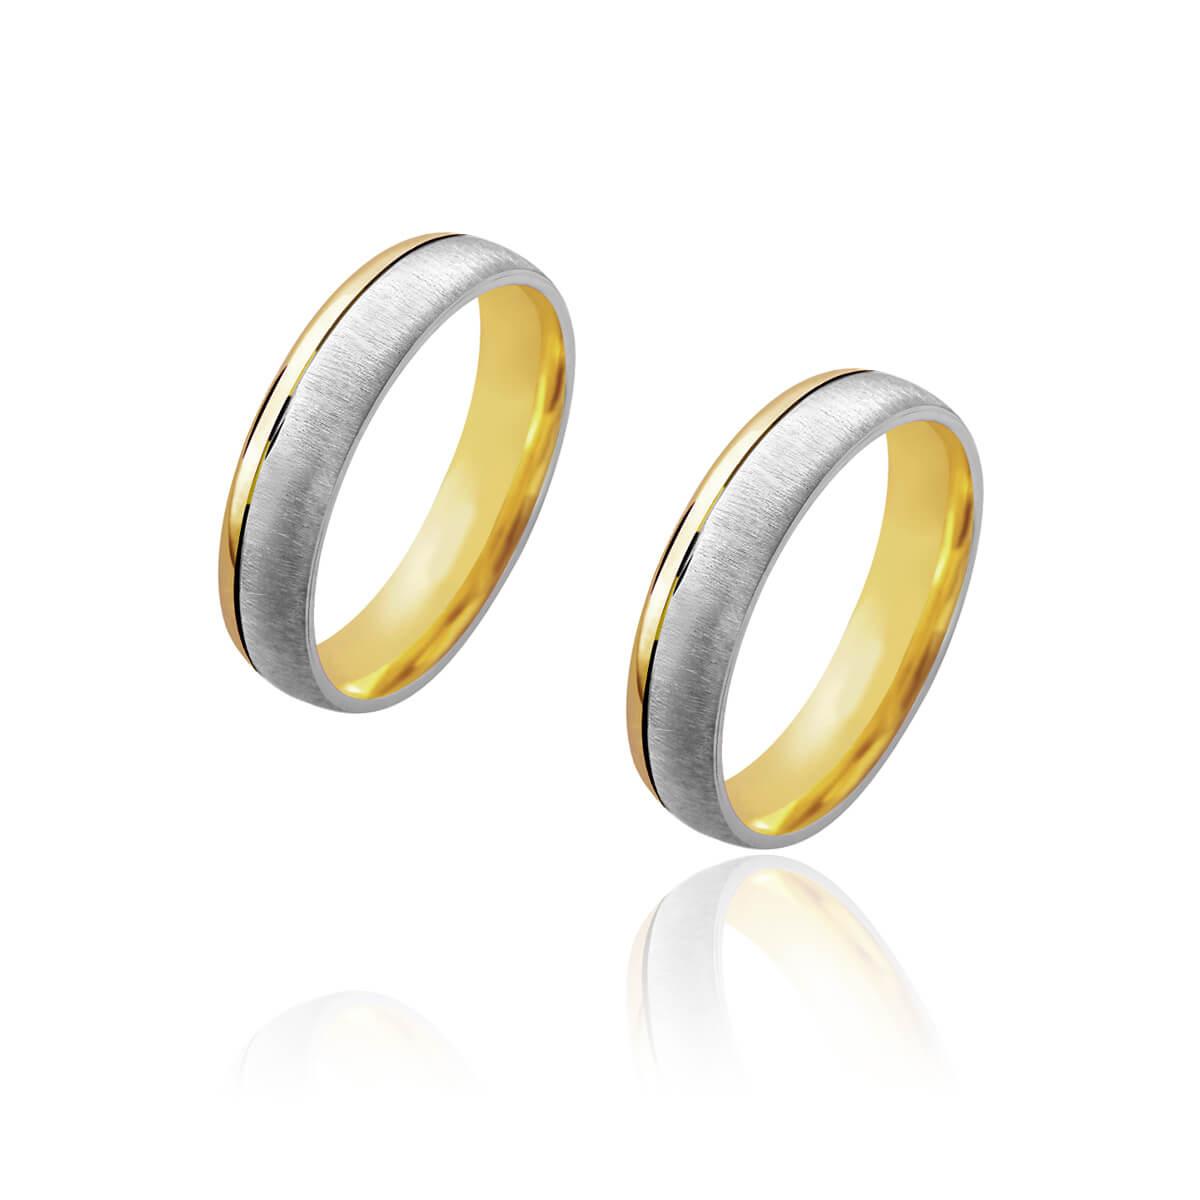 Par de Alianças de Casamento Apolo Ouro 18k com Friso Lateral Ouro Branco 5mm 8.5g